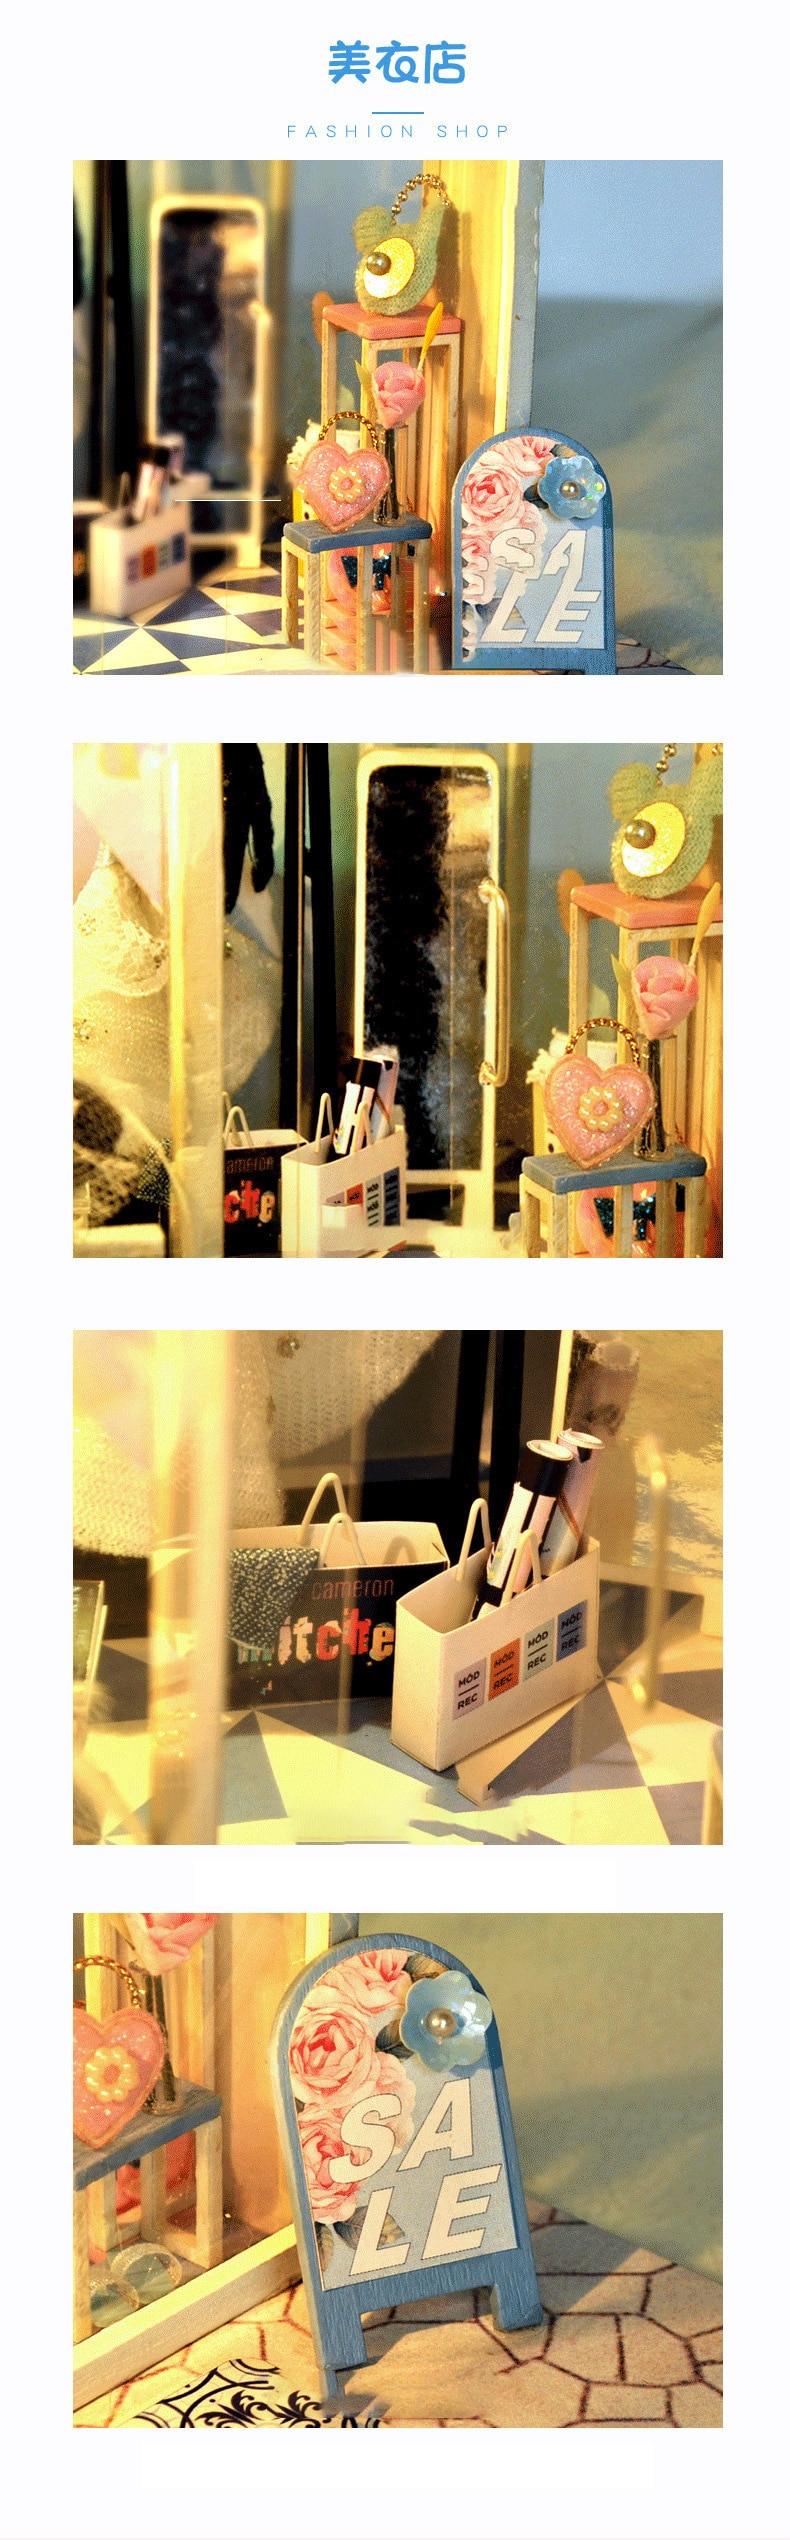 Hb29c0d3ee4d04bdfb9b361b85255d2f4r - Robotime - DIY Models, DIY Miniature Houses, 3d Wooden Puzzle